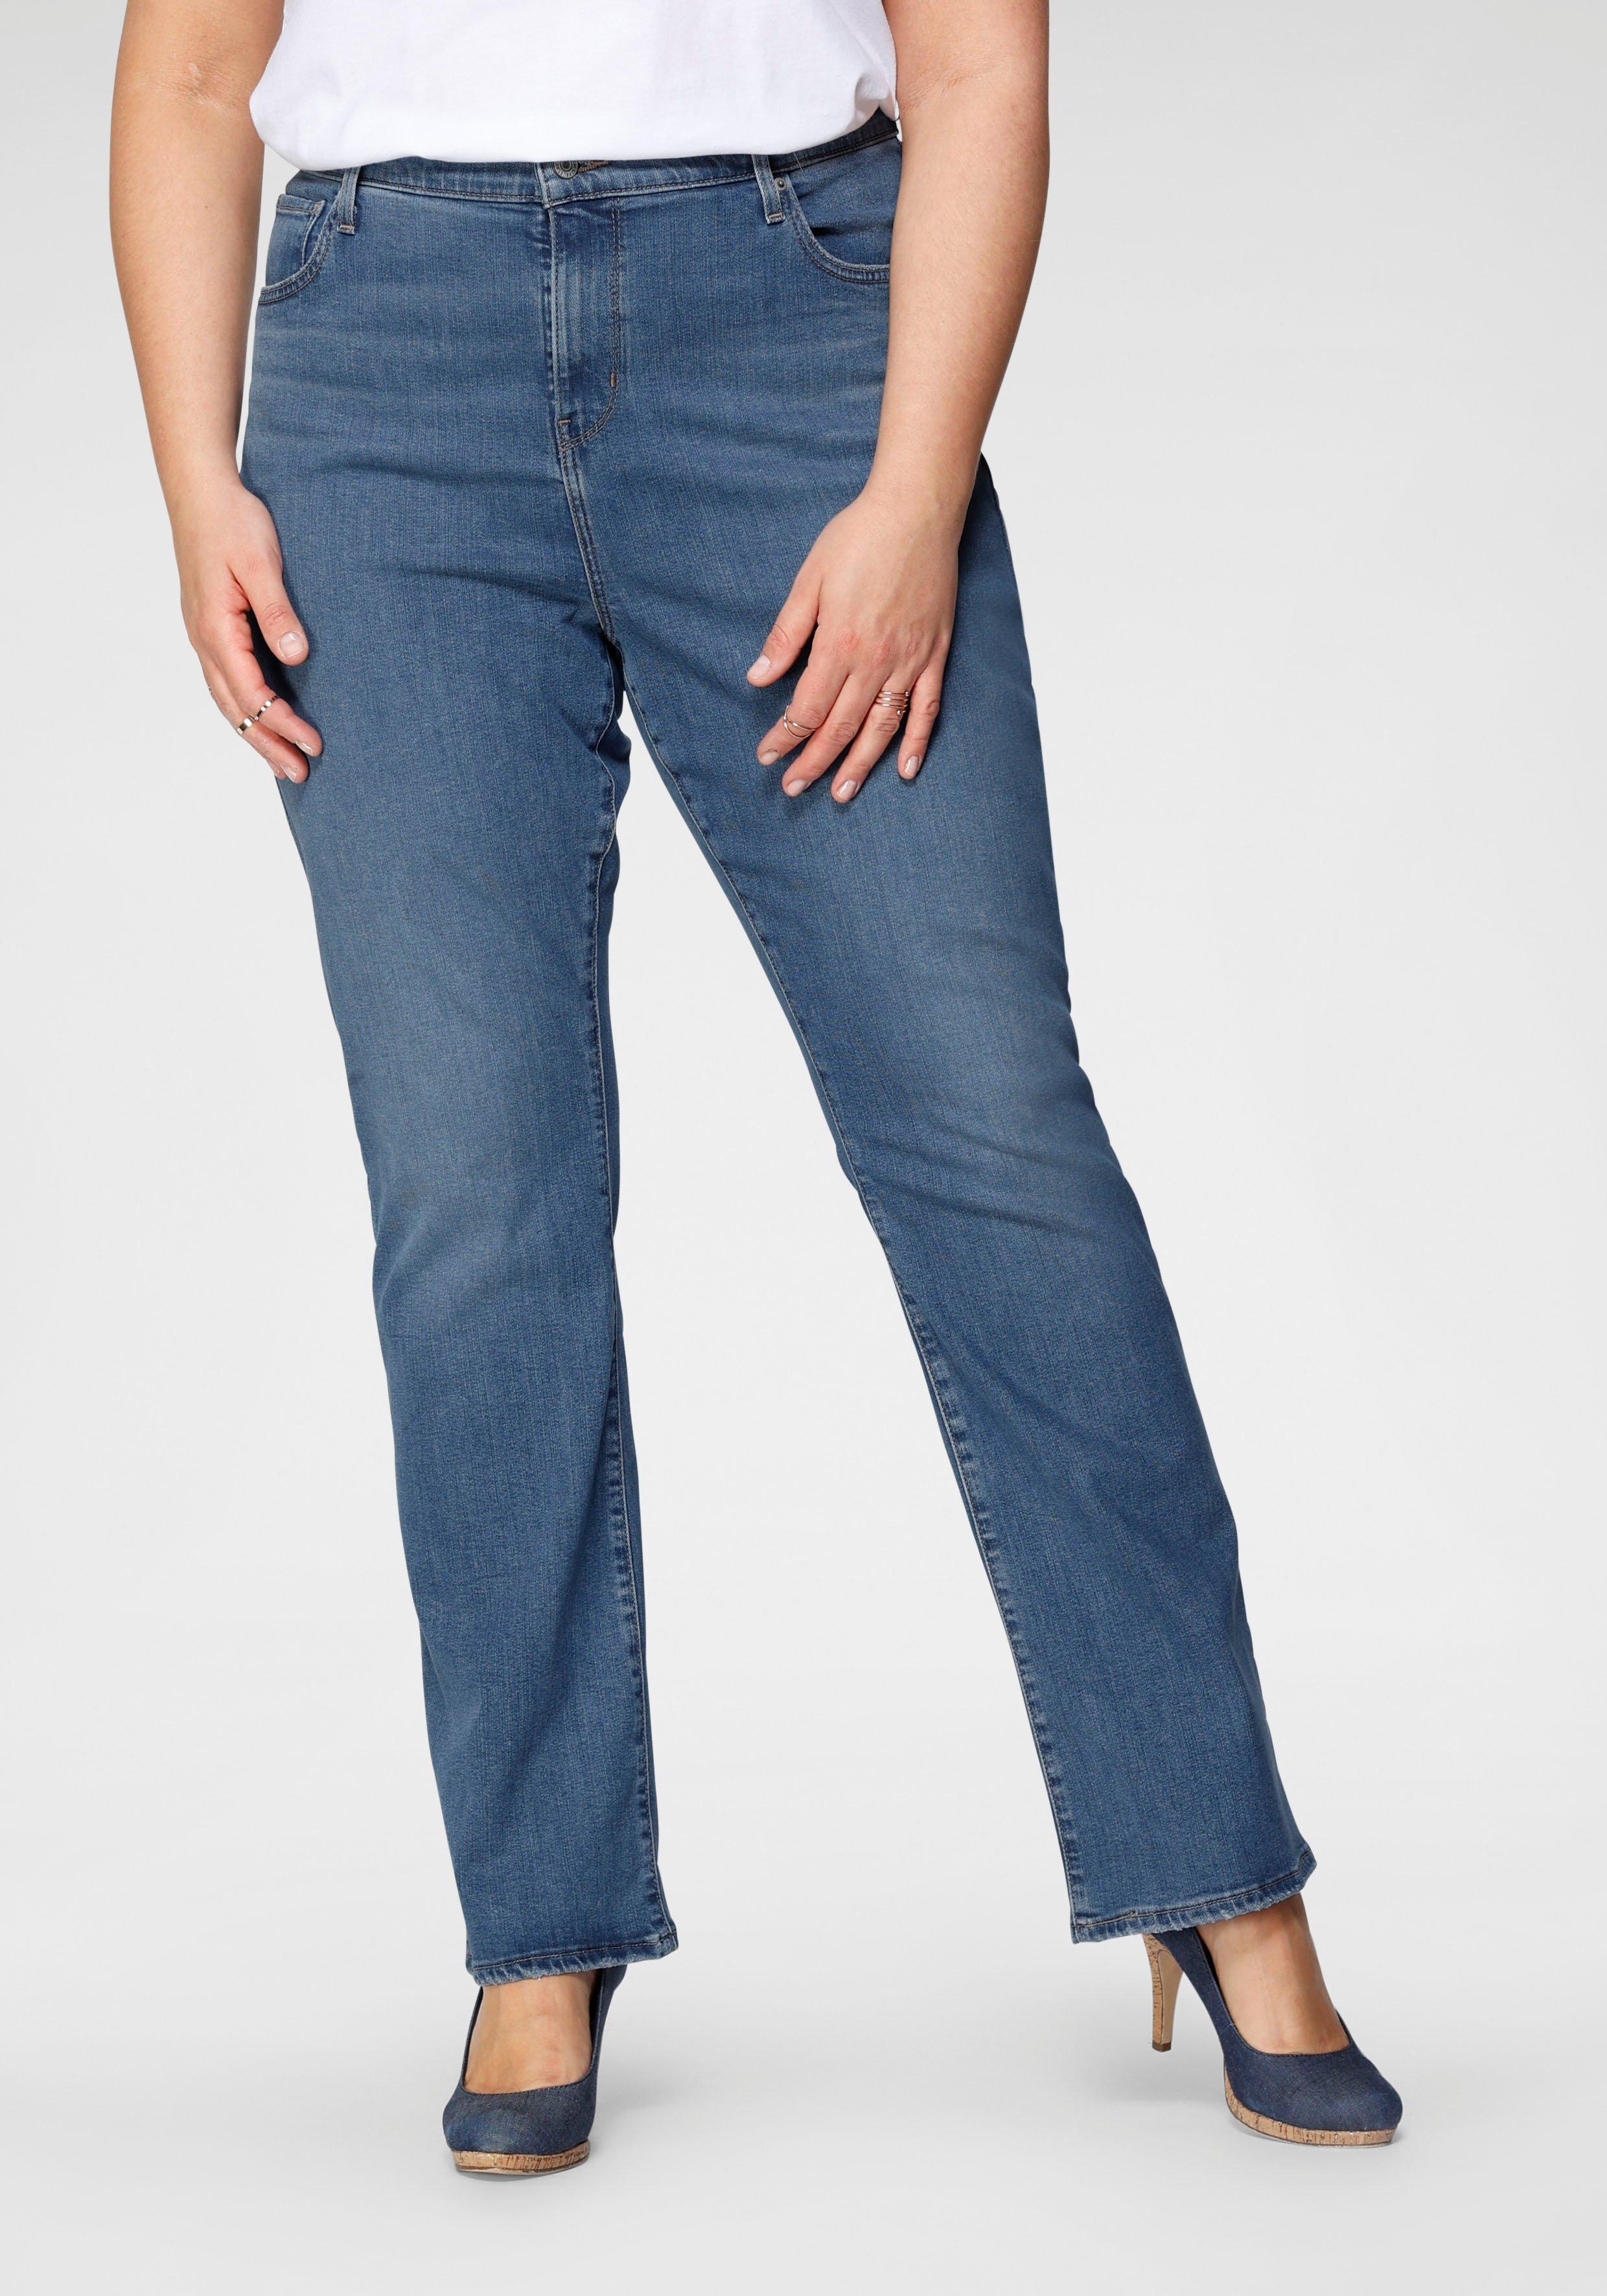 Levi's Plus LEVI'S bootcut jeans »725« bestellen: 30 dagen bedenktijd